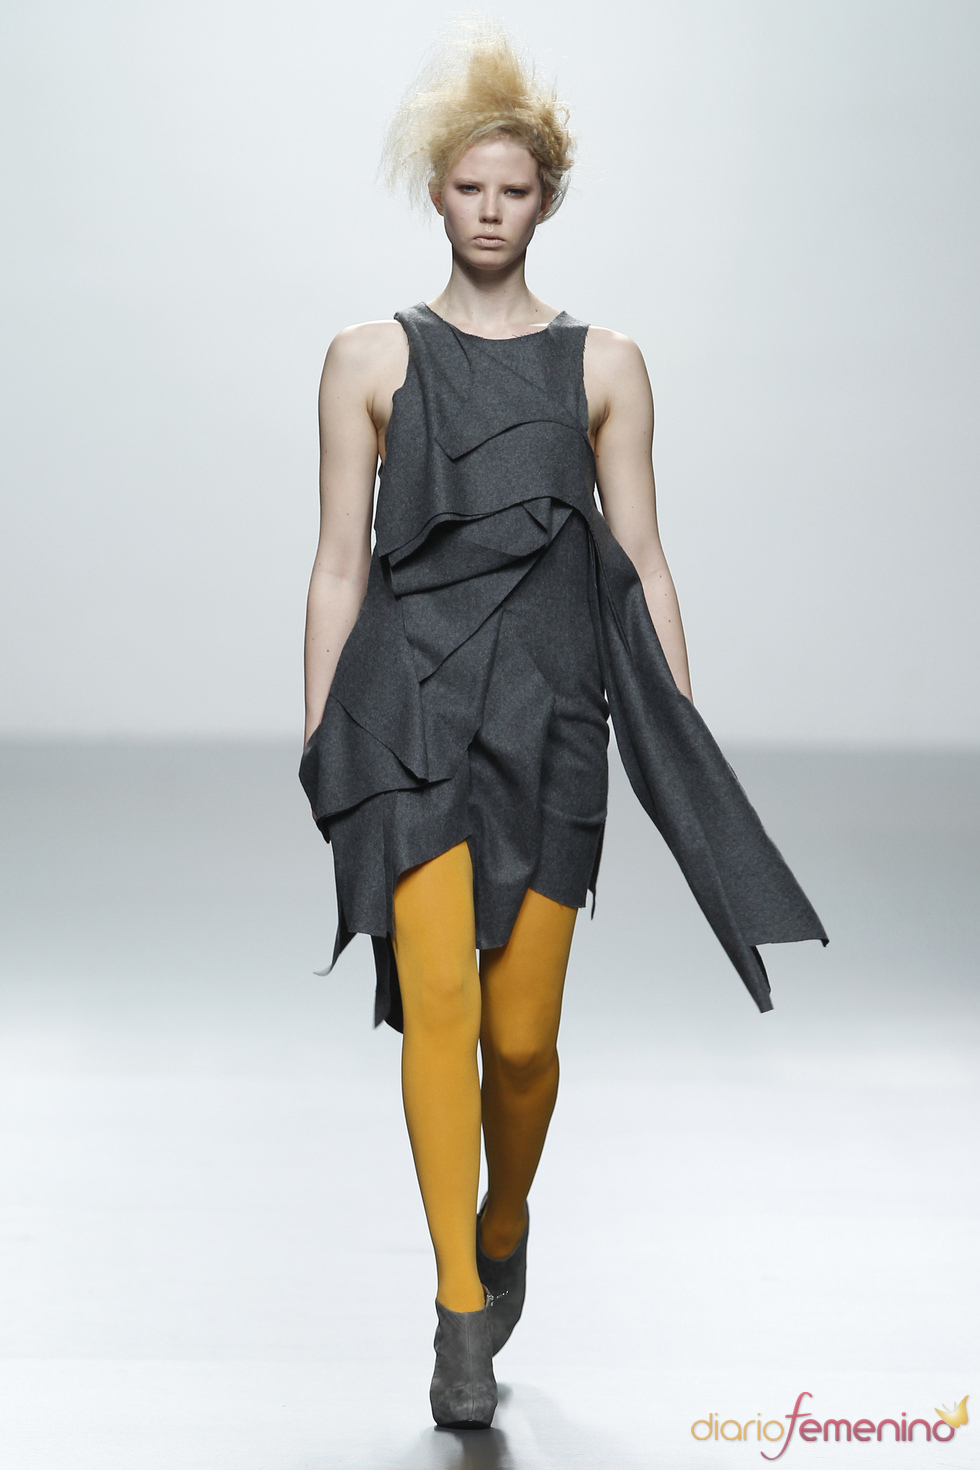 Vestido gris con medias amarillas. Sara Coleman. Cibeles Madrid Fashion Week 2011